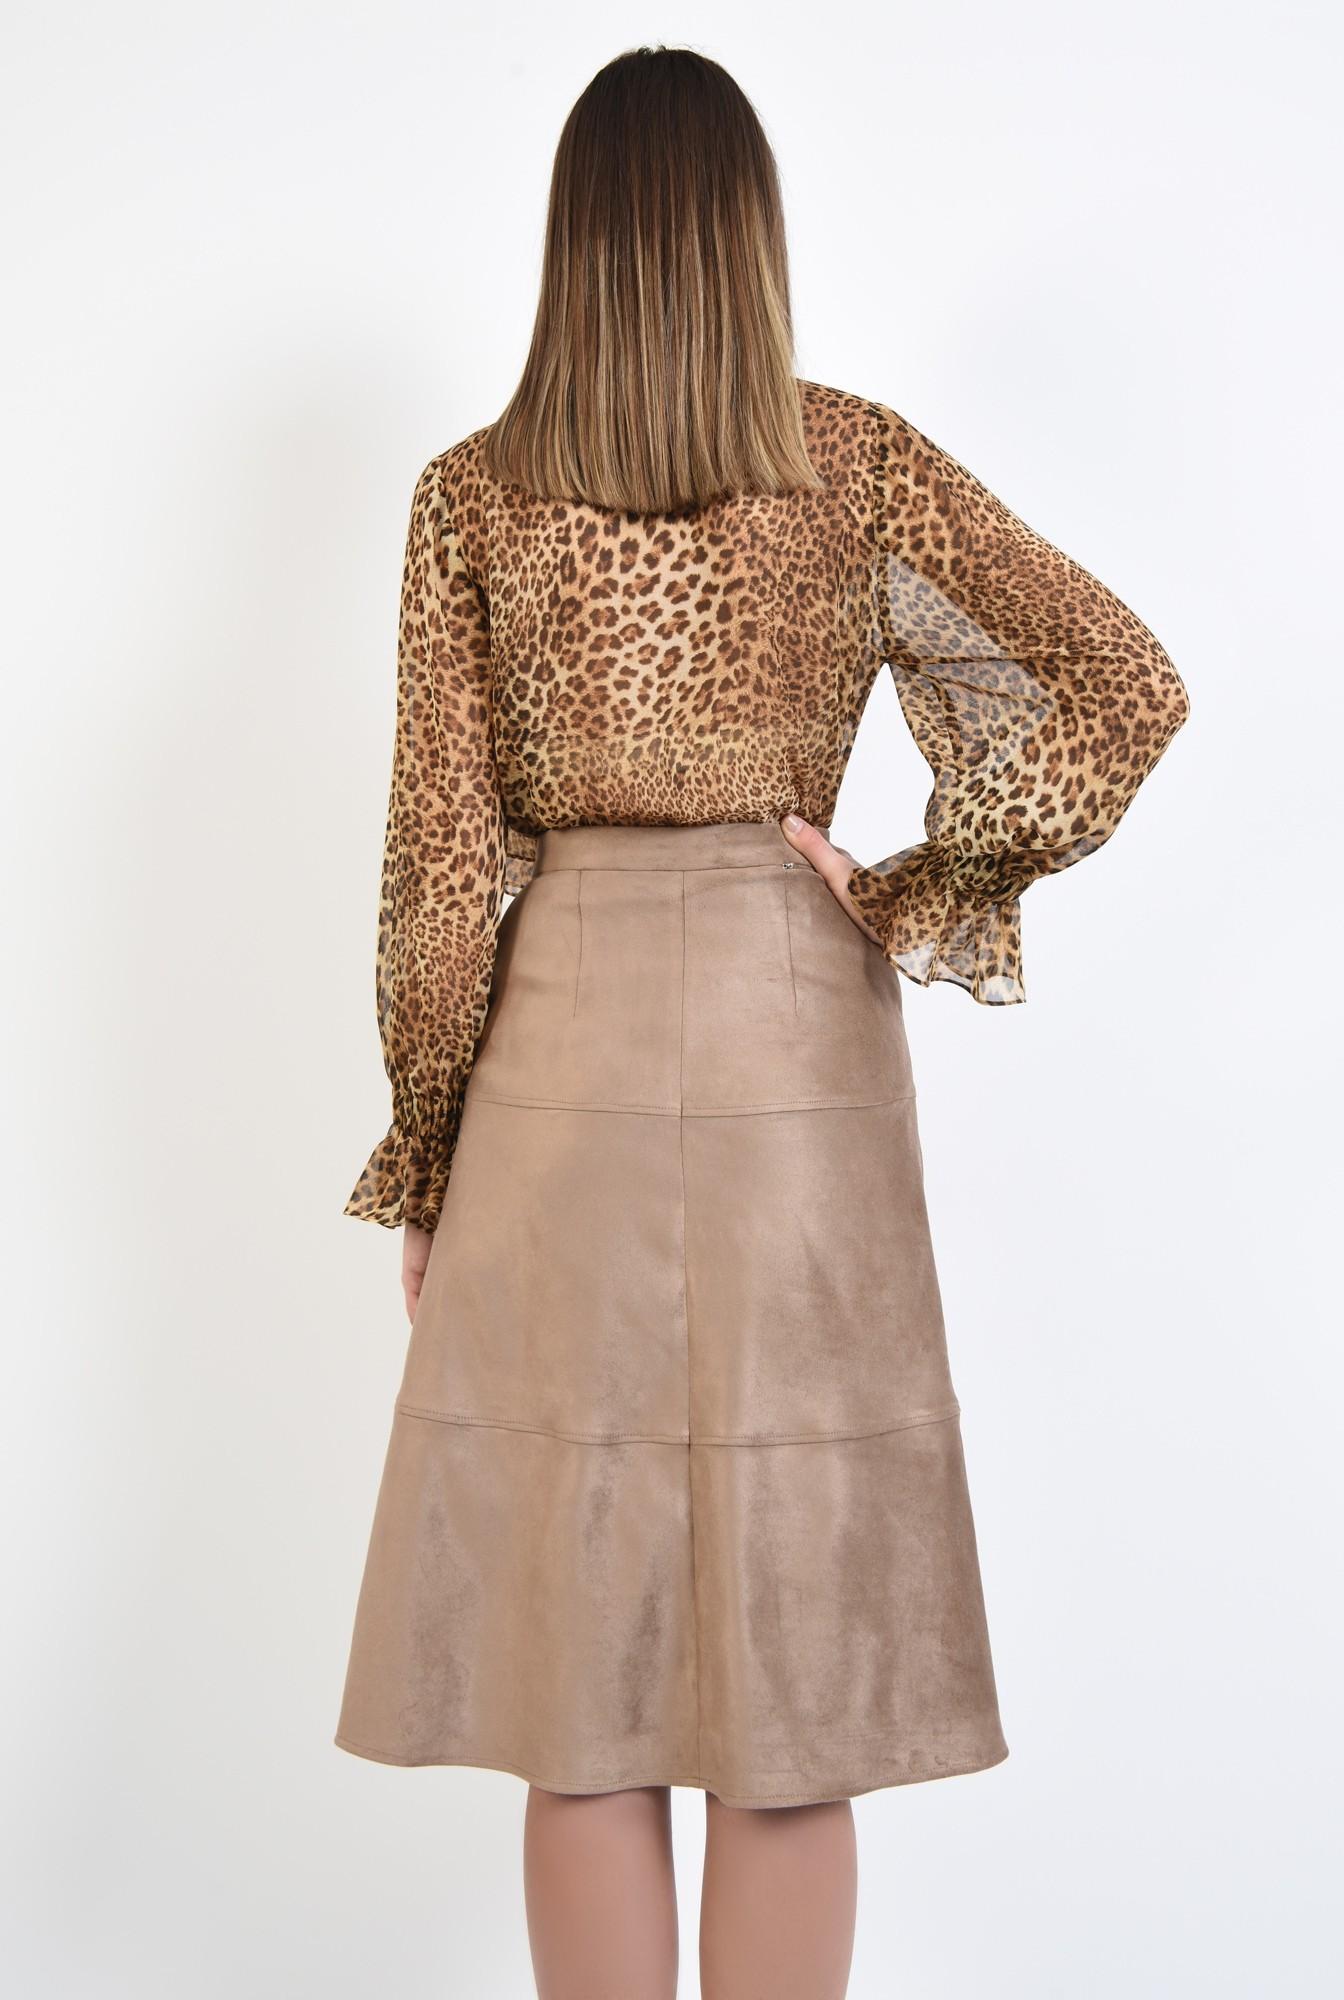 1 - fusta din velur, inchidere cu capse, cusaturi decorative, buzunare